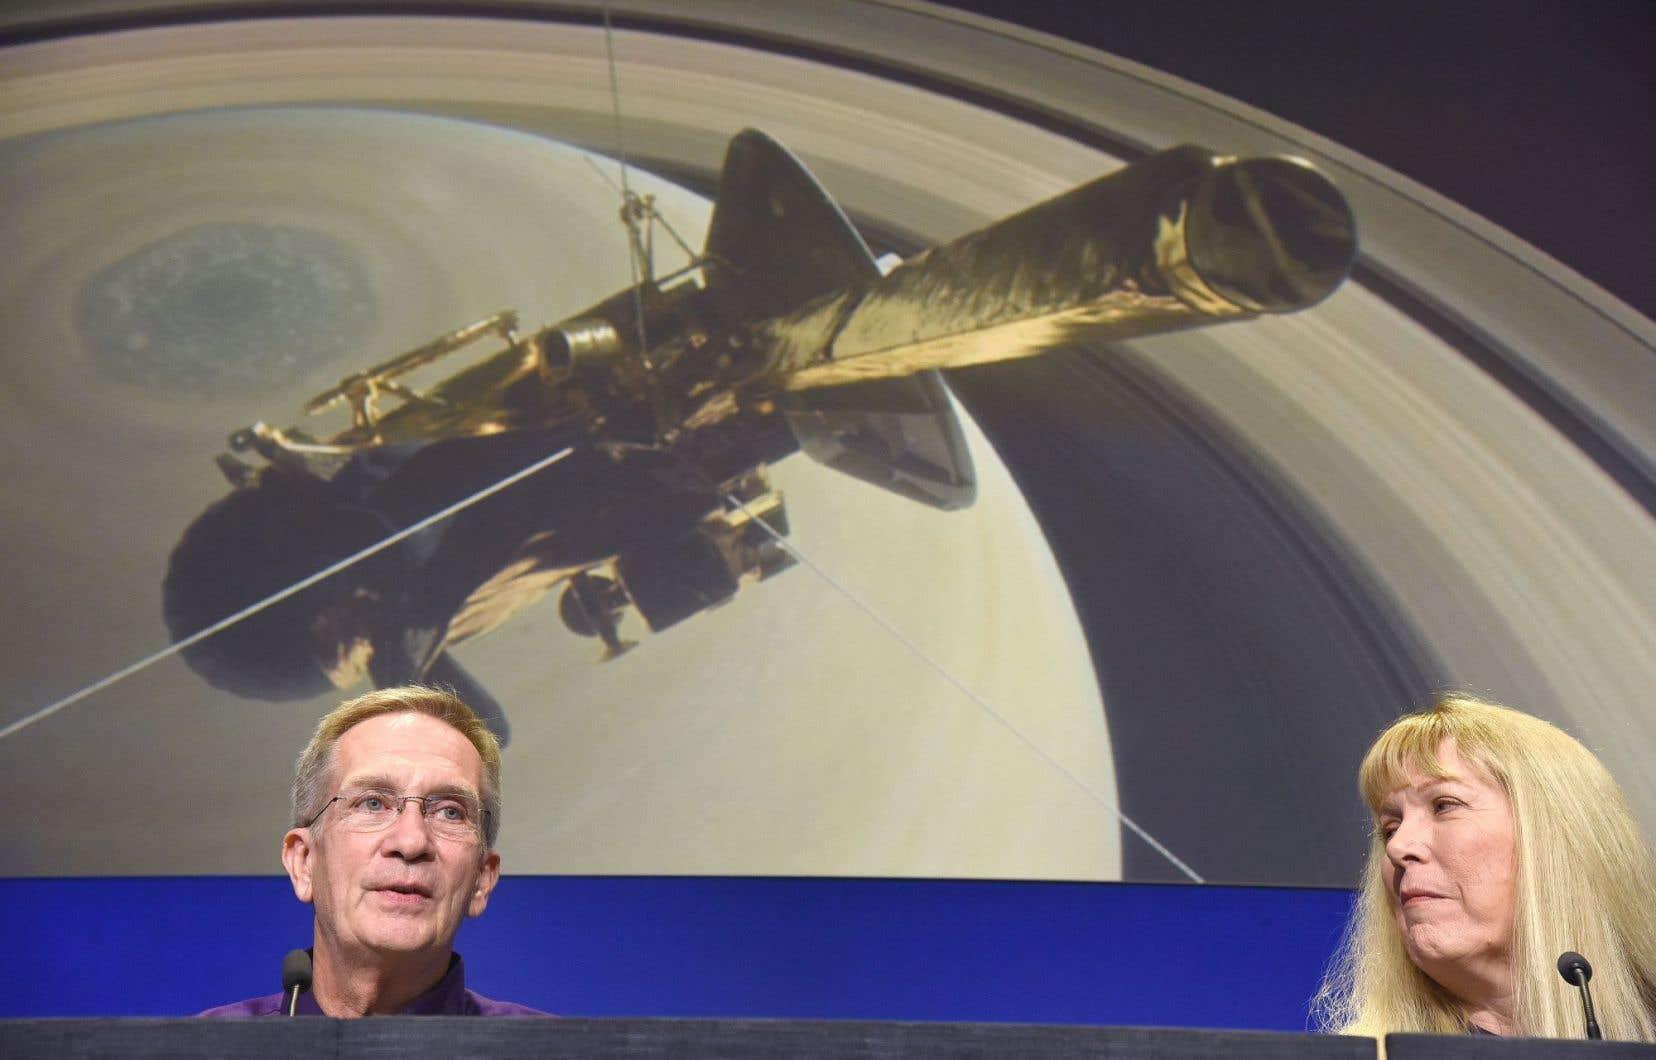 Le directeur du projet Cassini, Earl Maize, et la scientifique Linda Spilker, devant une illustration de la chute de la sonde vers Saturne.